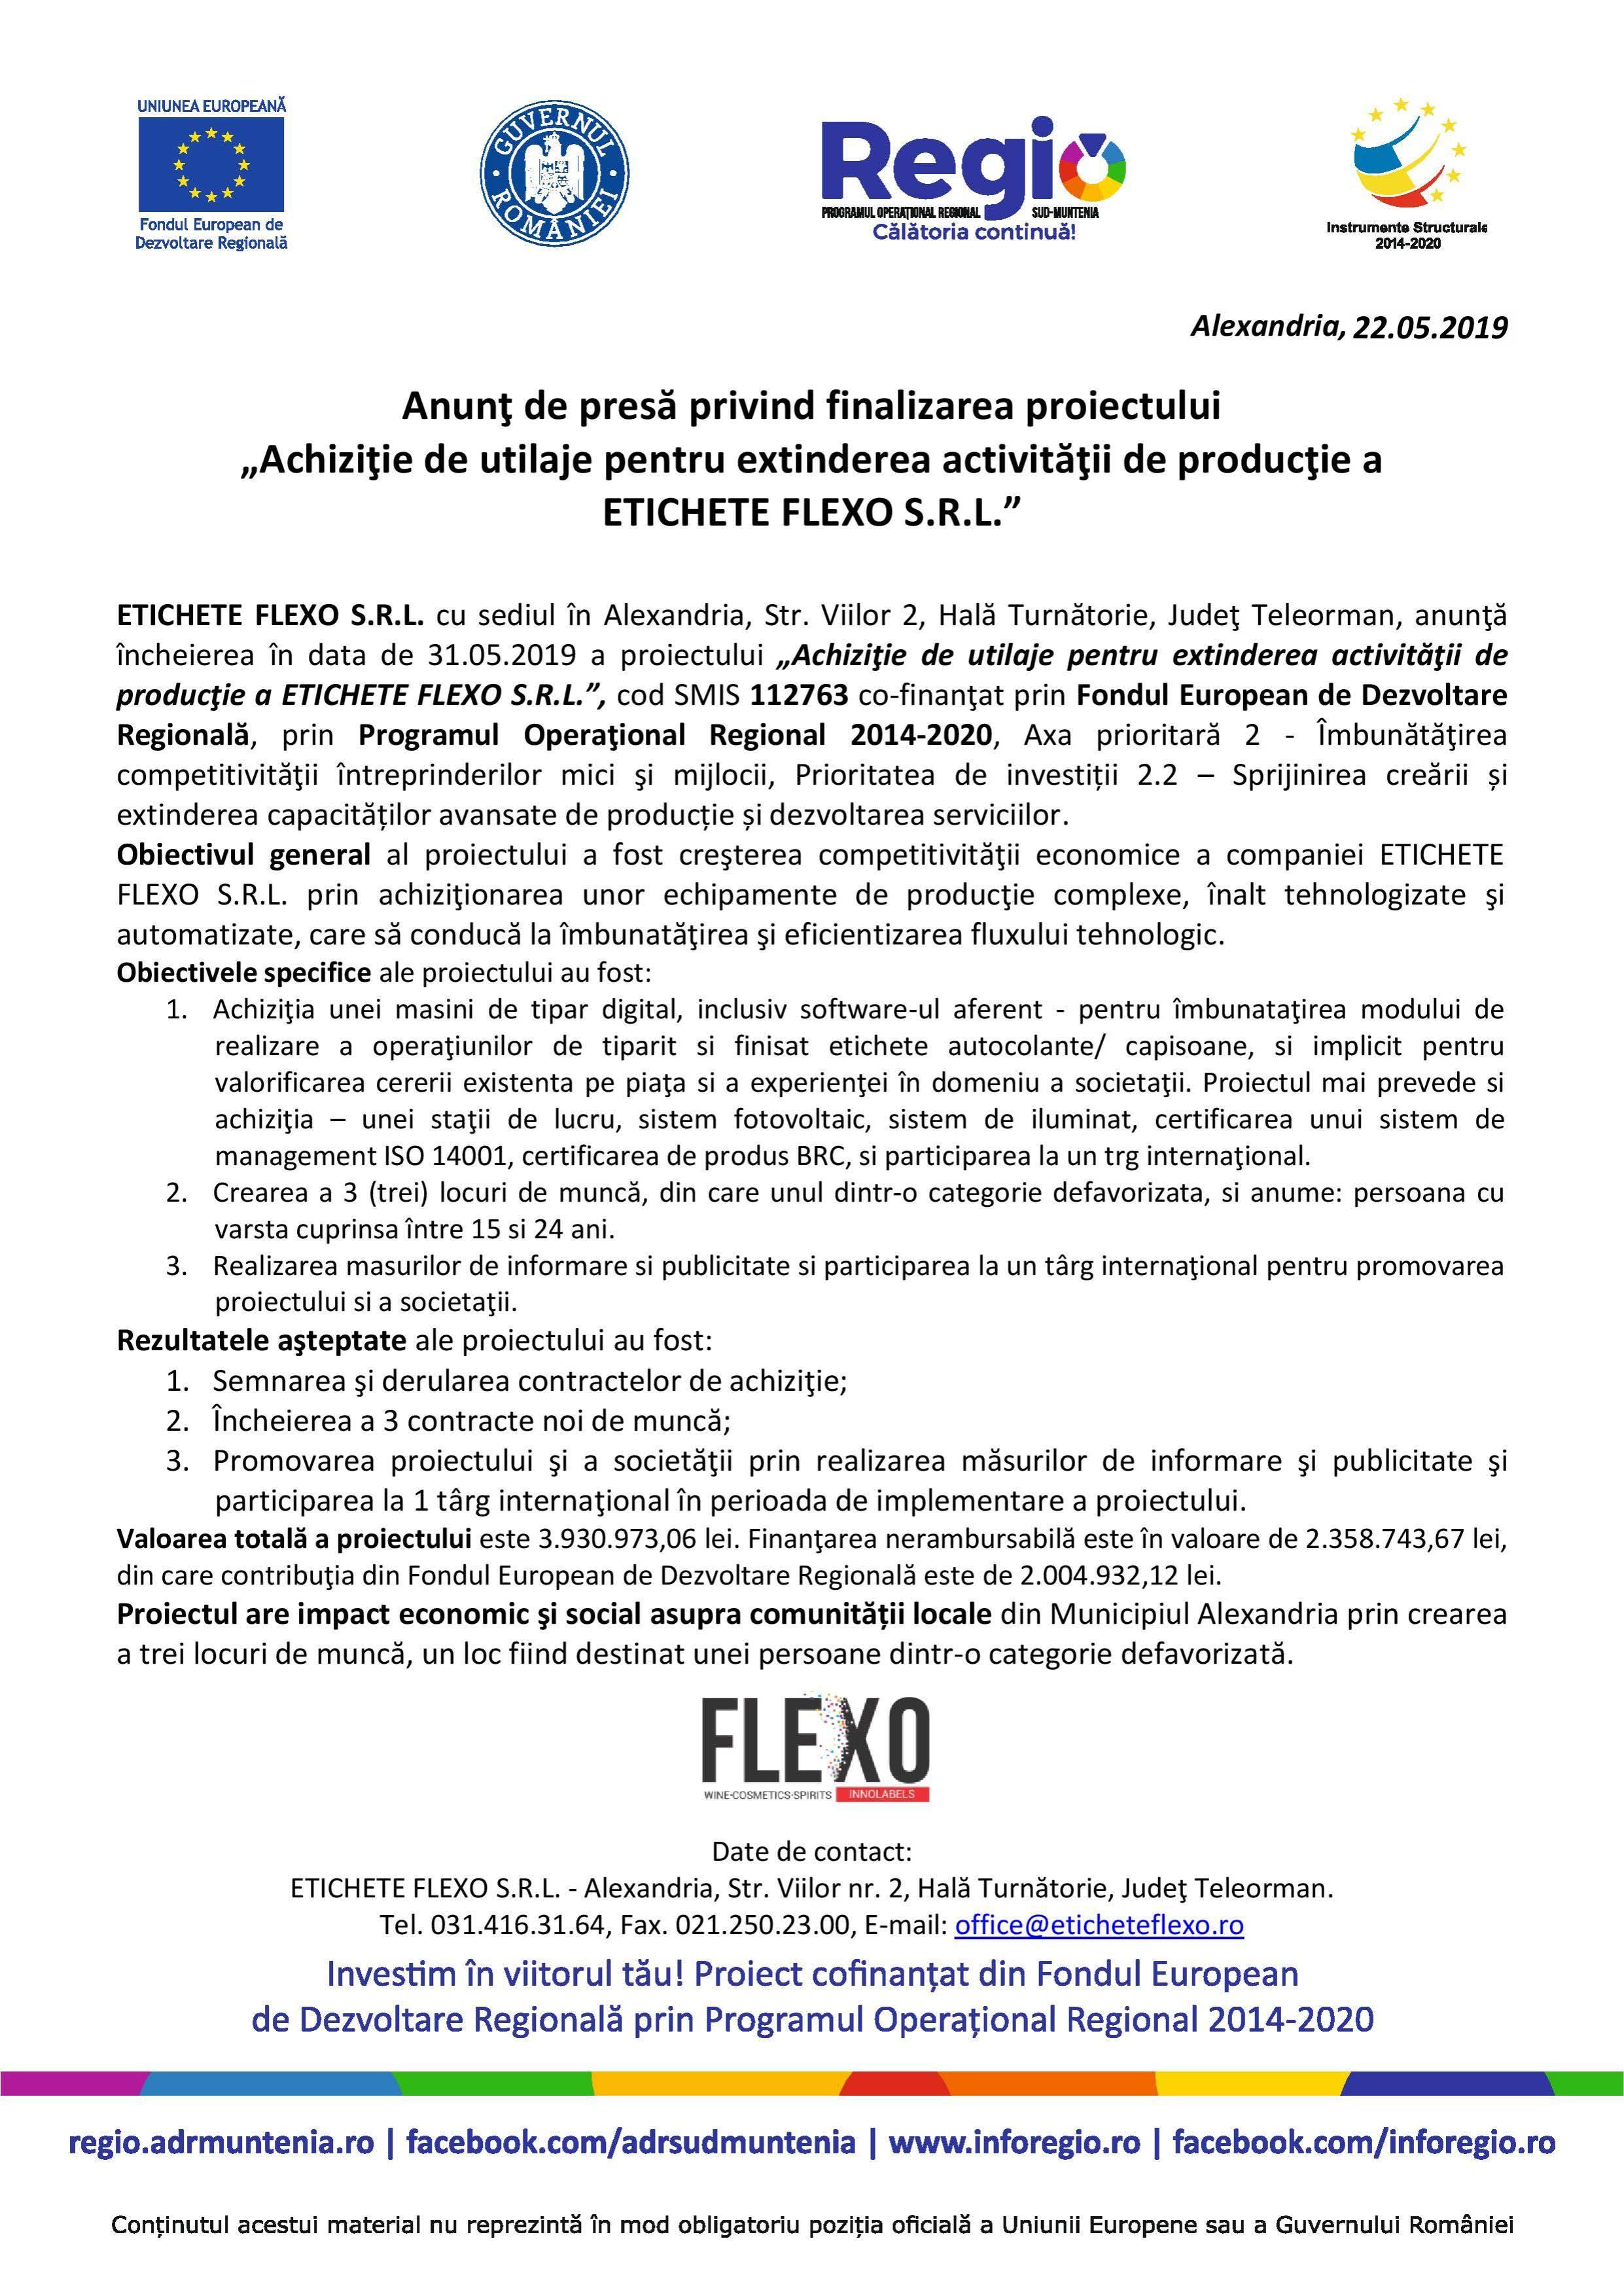 """Anunţ de presă privind finalizarea proiectului """"Achiziţie de utilaje pentru extinderea activităţii de producţie a  ETICHETE FLEXO S.R.L."""""""